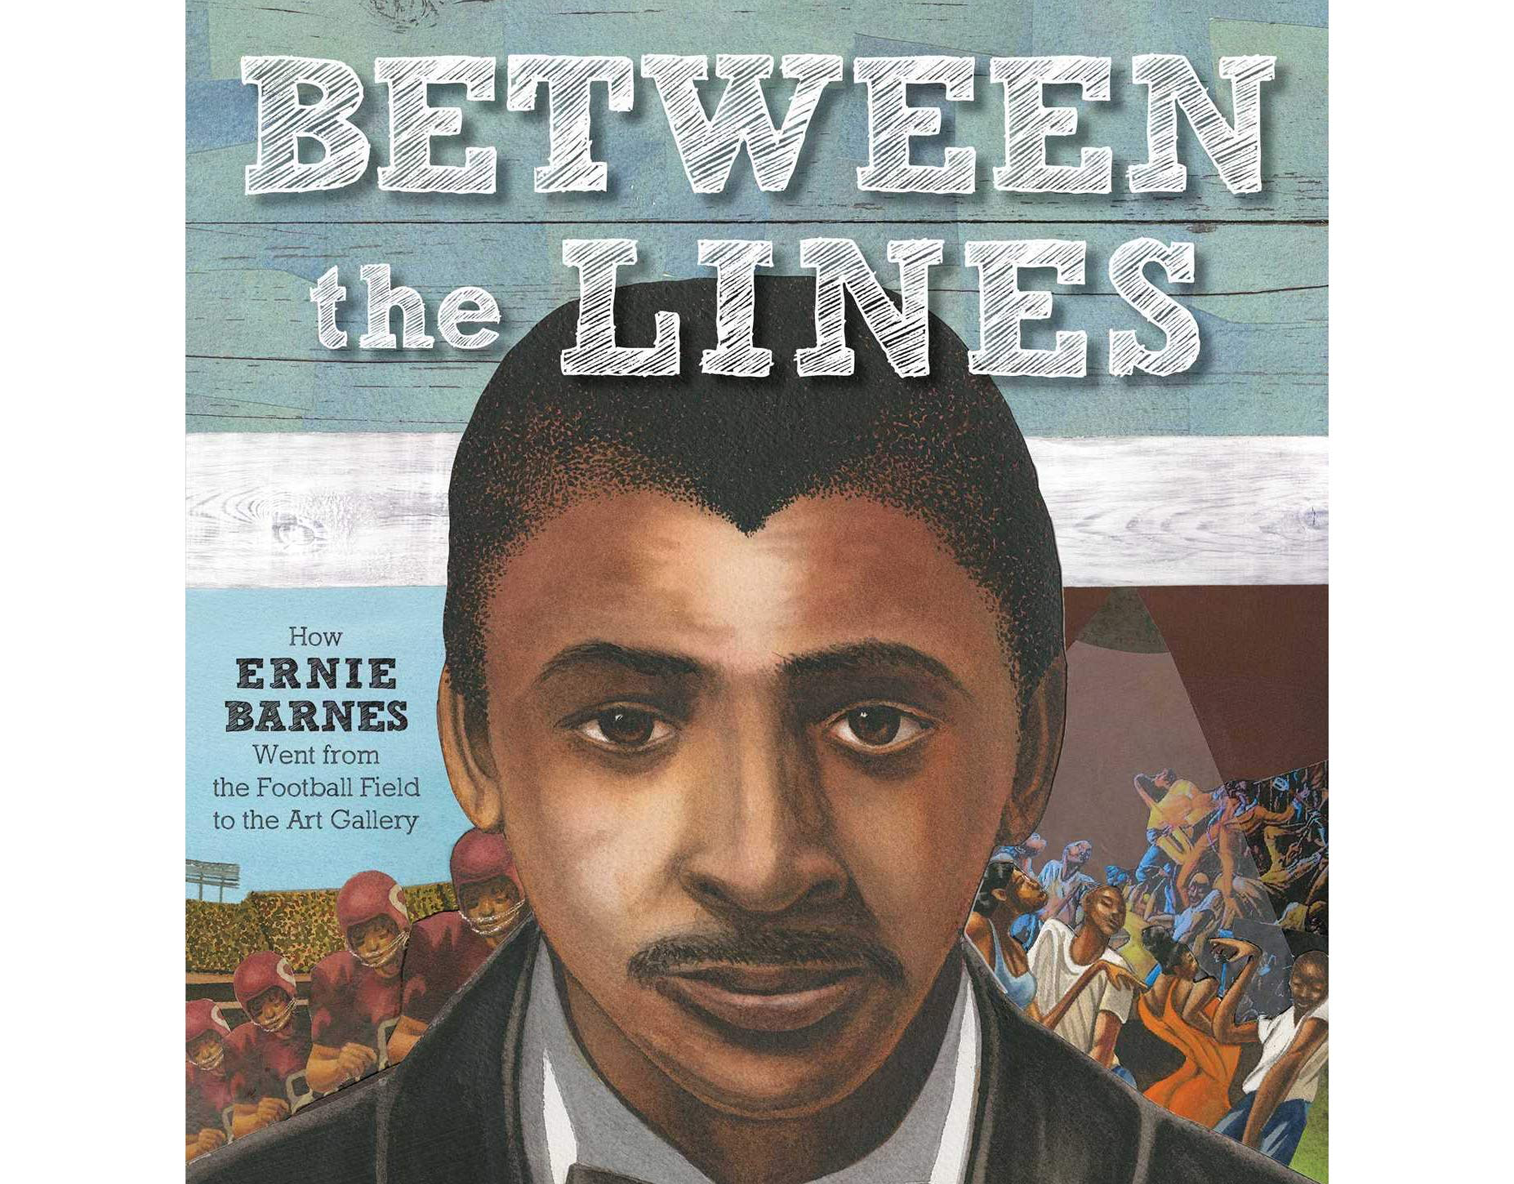 Between the Lines Storytime, actividad celebrada el 8 de septiembre de 2019 en el California African American Museum (CAAM).